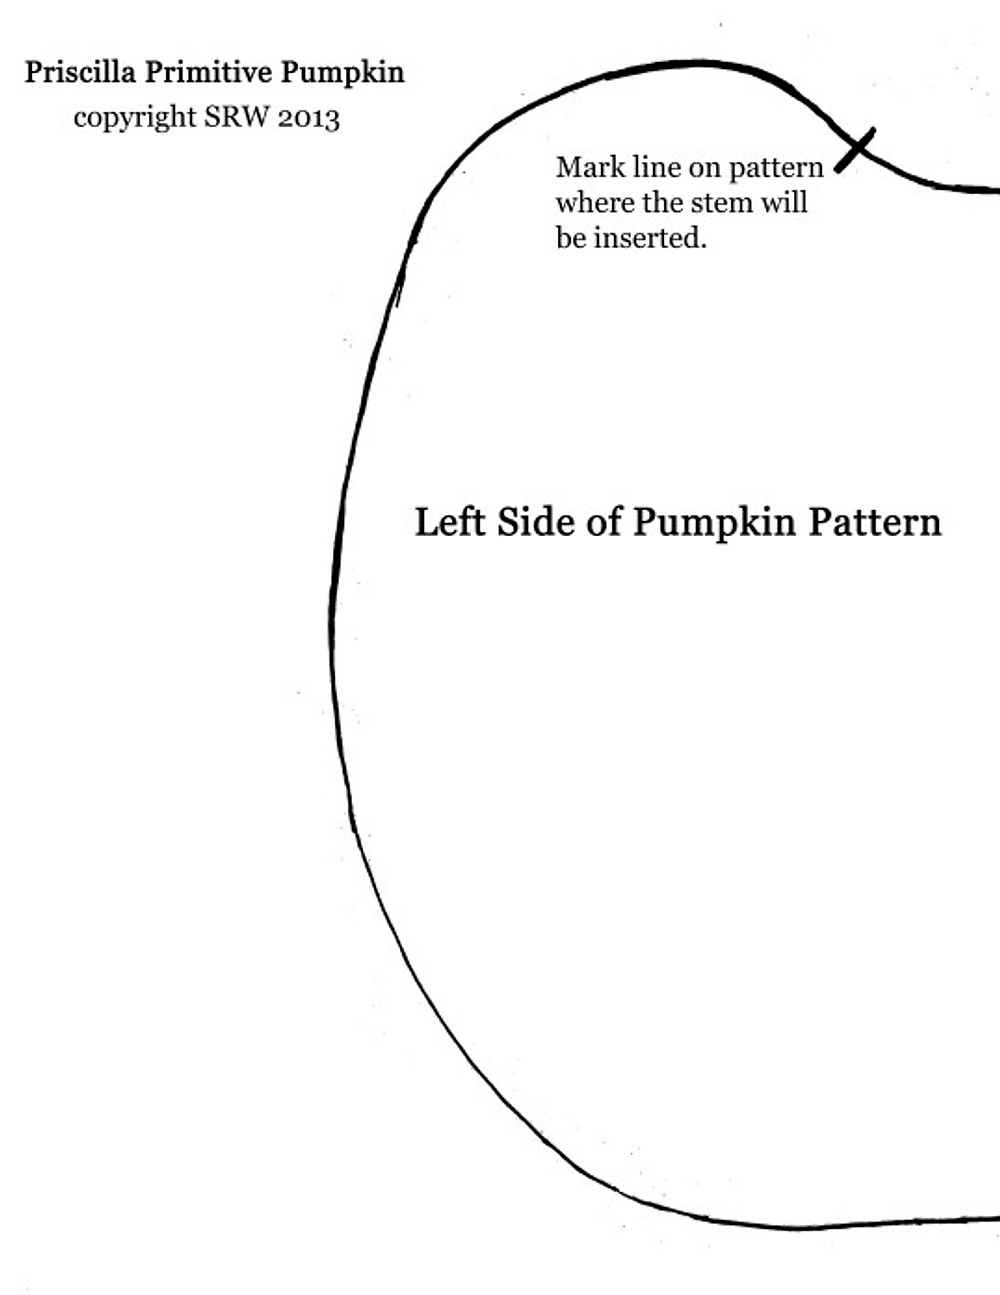 Left side of pumpkin pattern.